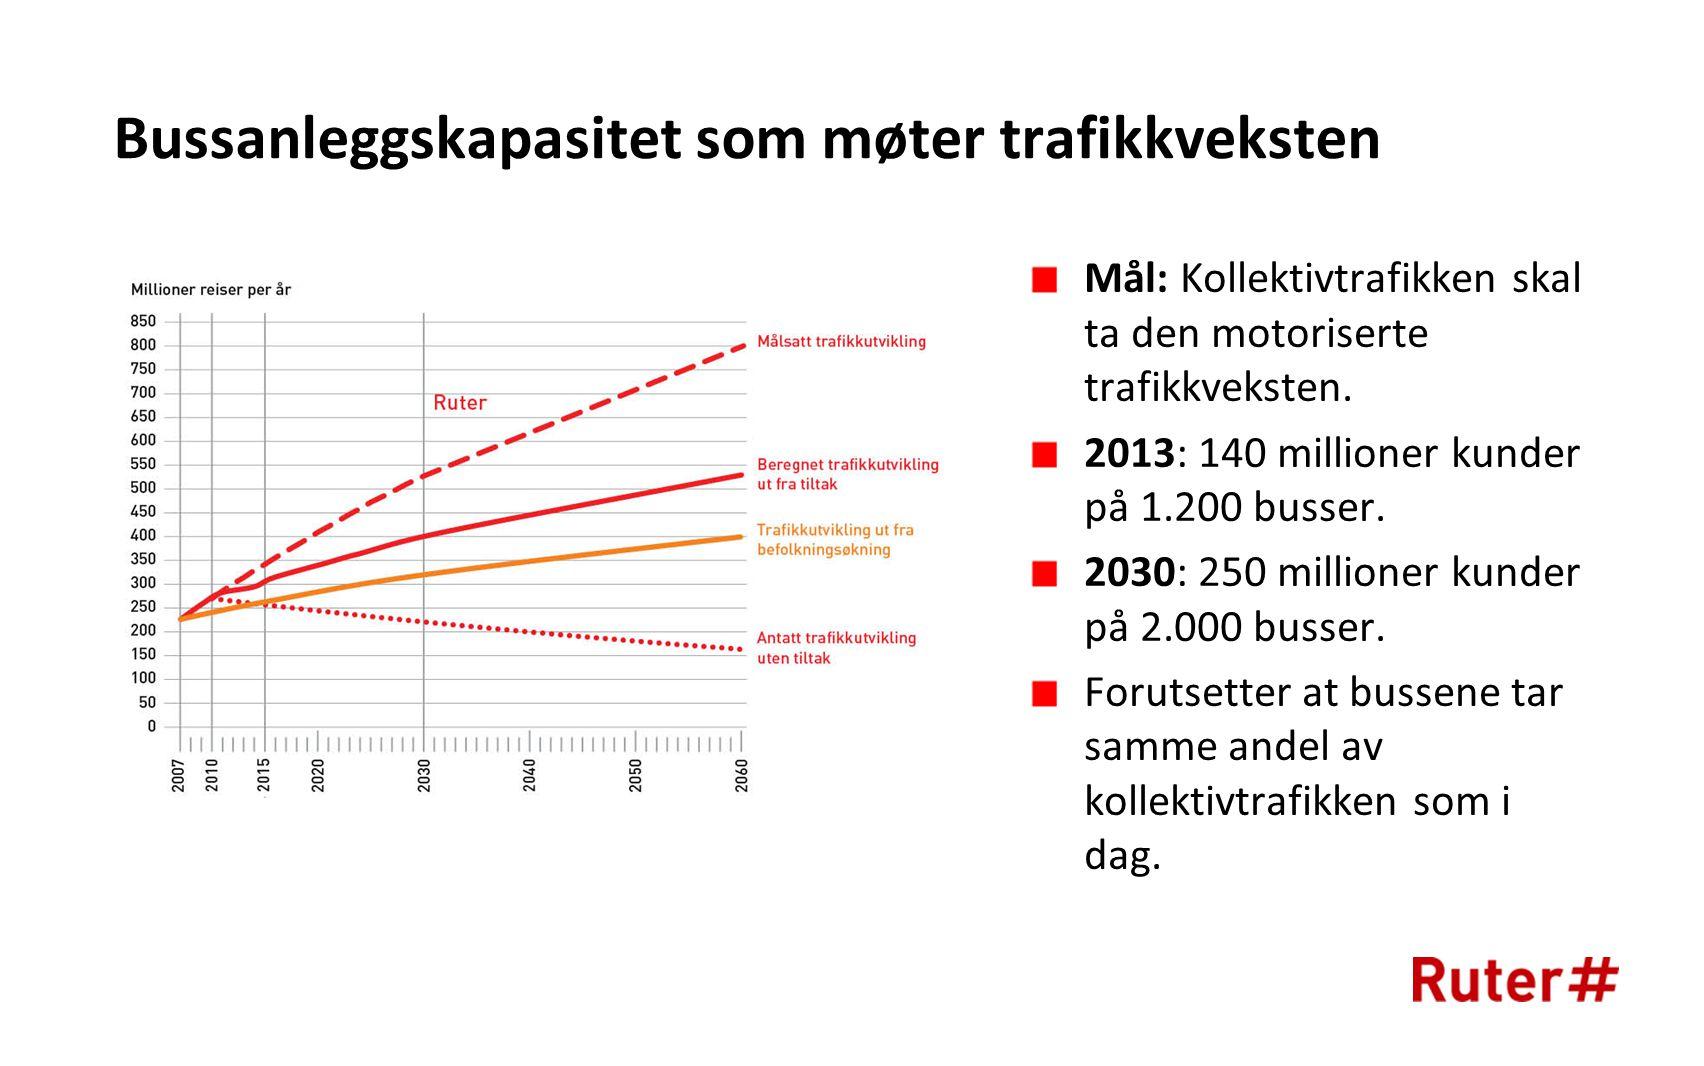 Bussanleggskapasitet som møter trafikkveksten